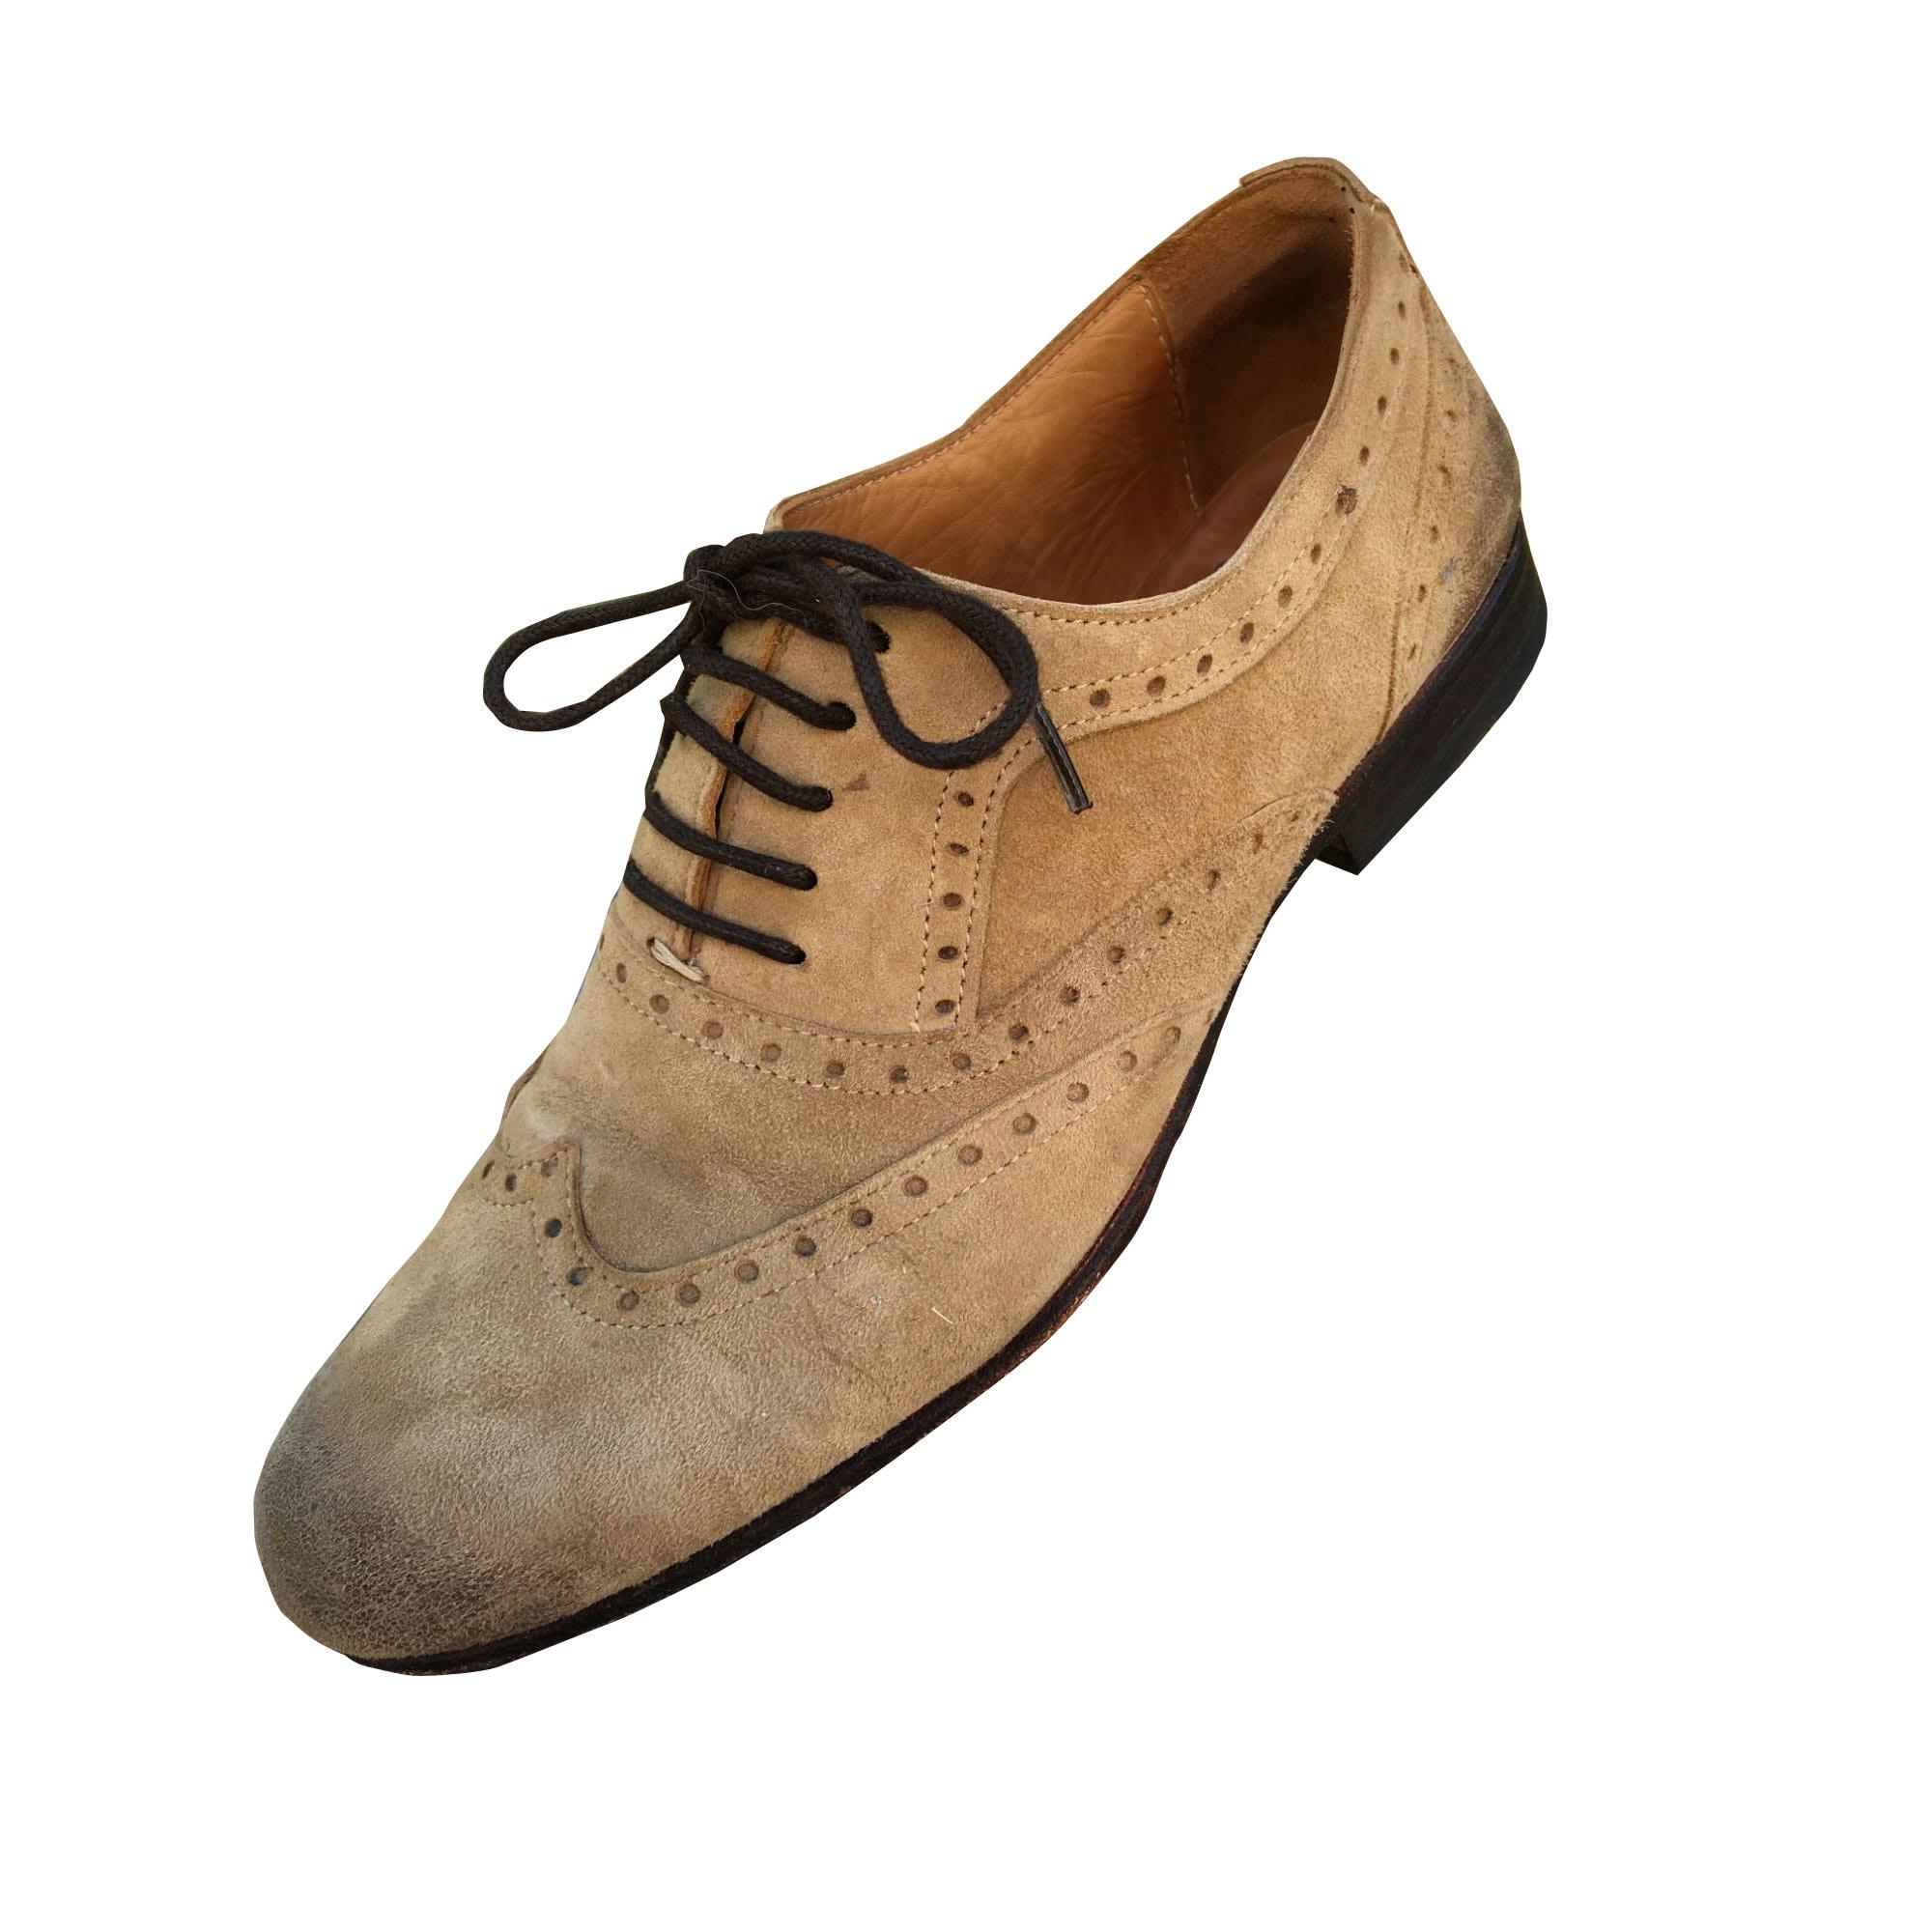 Chaussures à lacets  ATELIER VOISIN Beige, camel